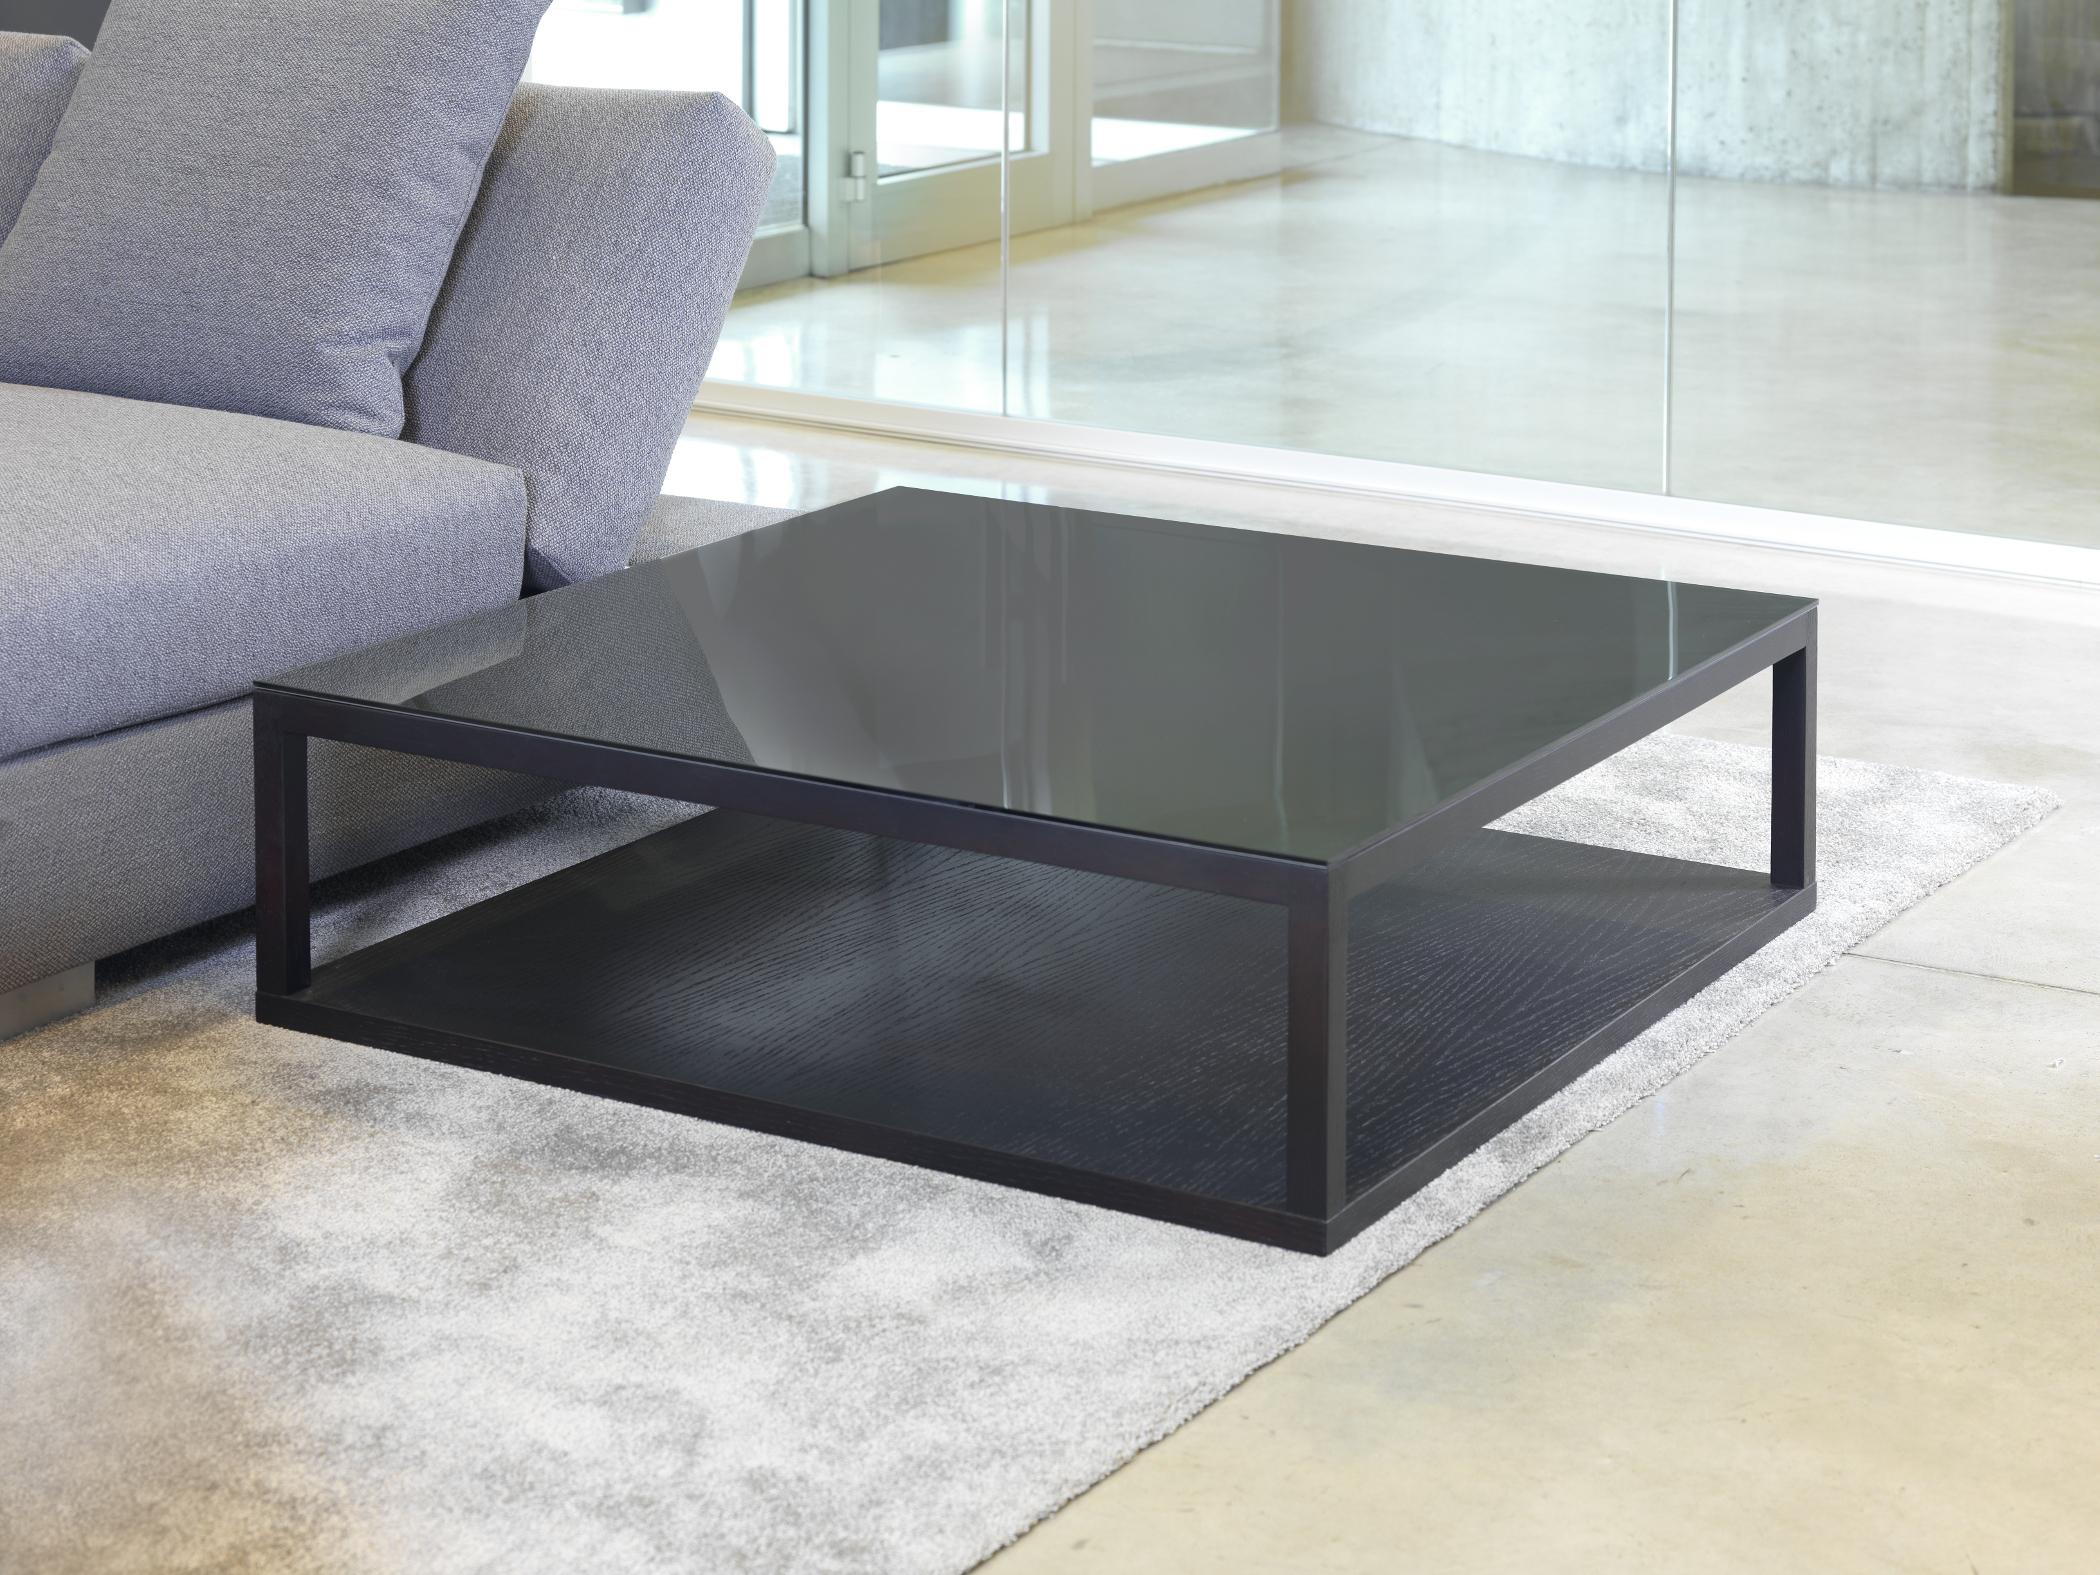 http://outlet.giuliomarelli.com/images/FOTO-PRODOTTI/TAVOLINI/TAVOLINI%20CON%20TOP%20IN%20VETRO/Stone-square-table-glass-95x95-1.jpg